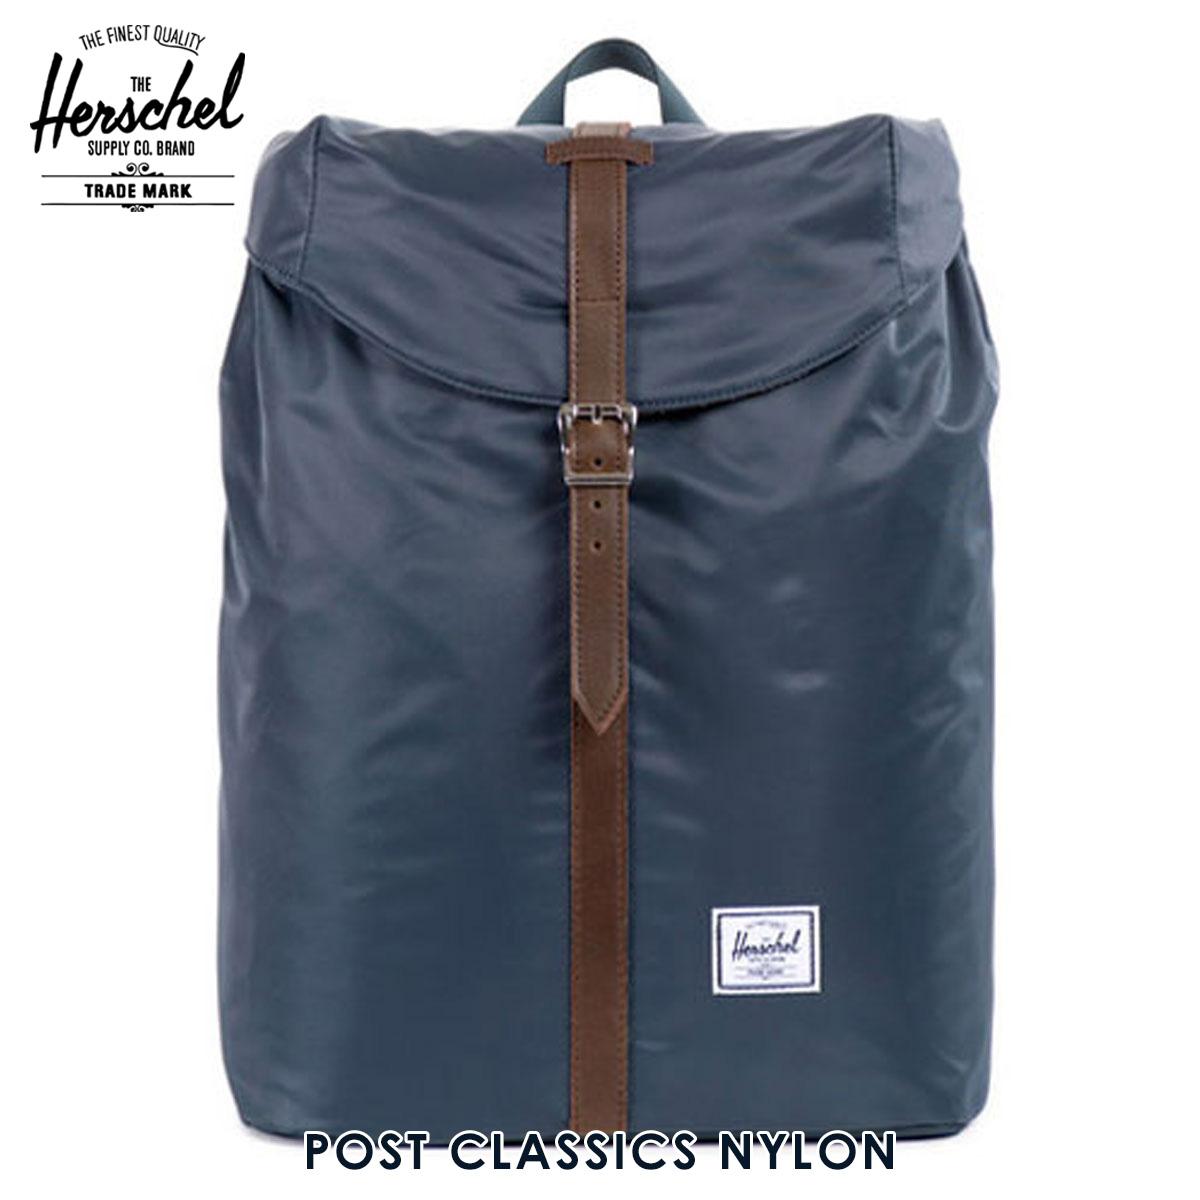 【販売期間 6/4 10:00~6/11 09:59】 ハーシェル バッグ 正規販売店 Herschel Supply ハーシャルサプライ バッグ Post Classics - Nylon 10021-00588- 父の日